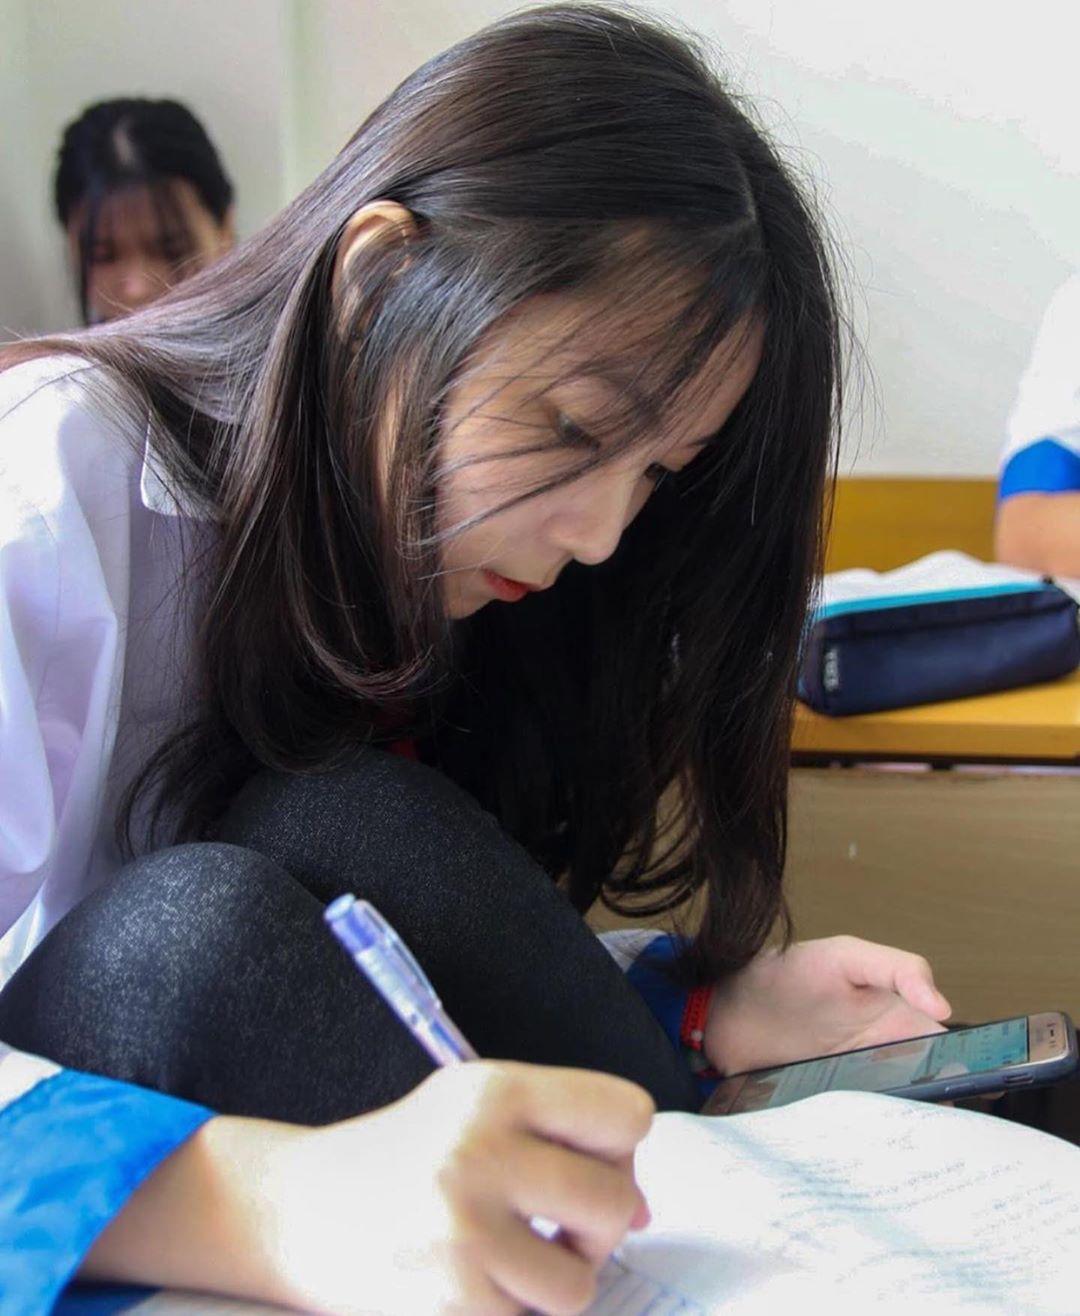 tính cách của người học sinh